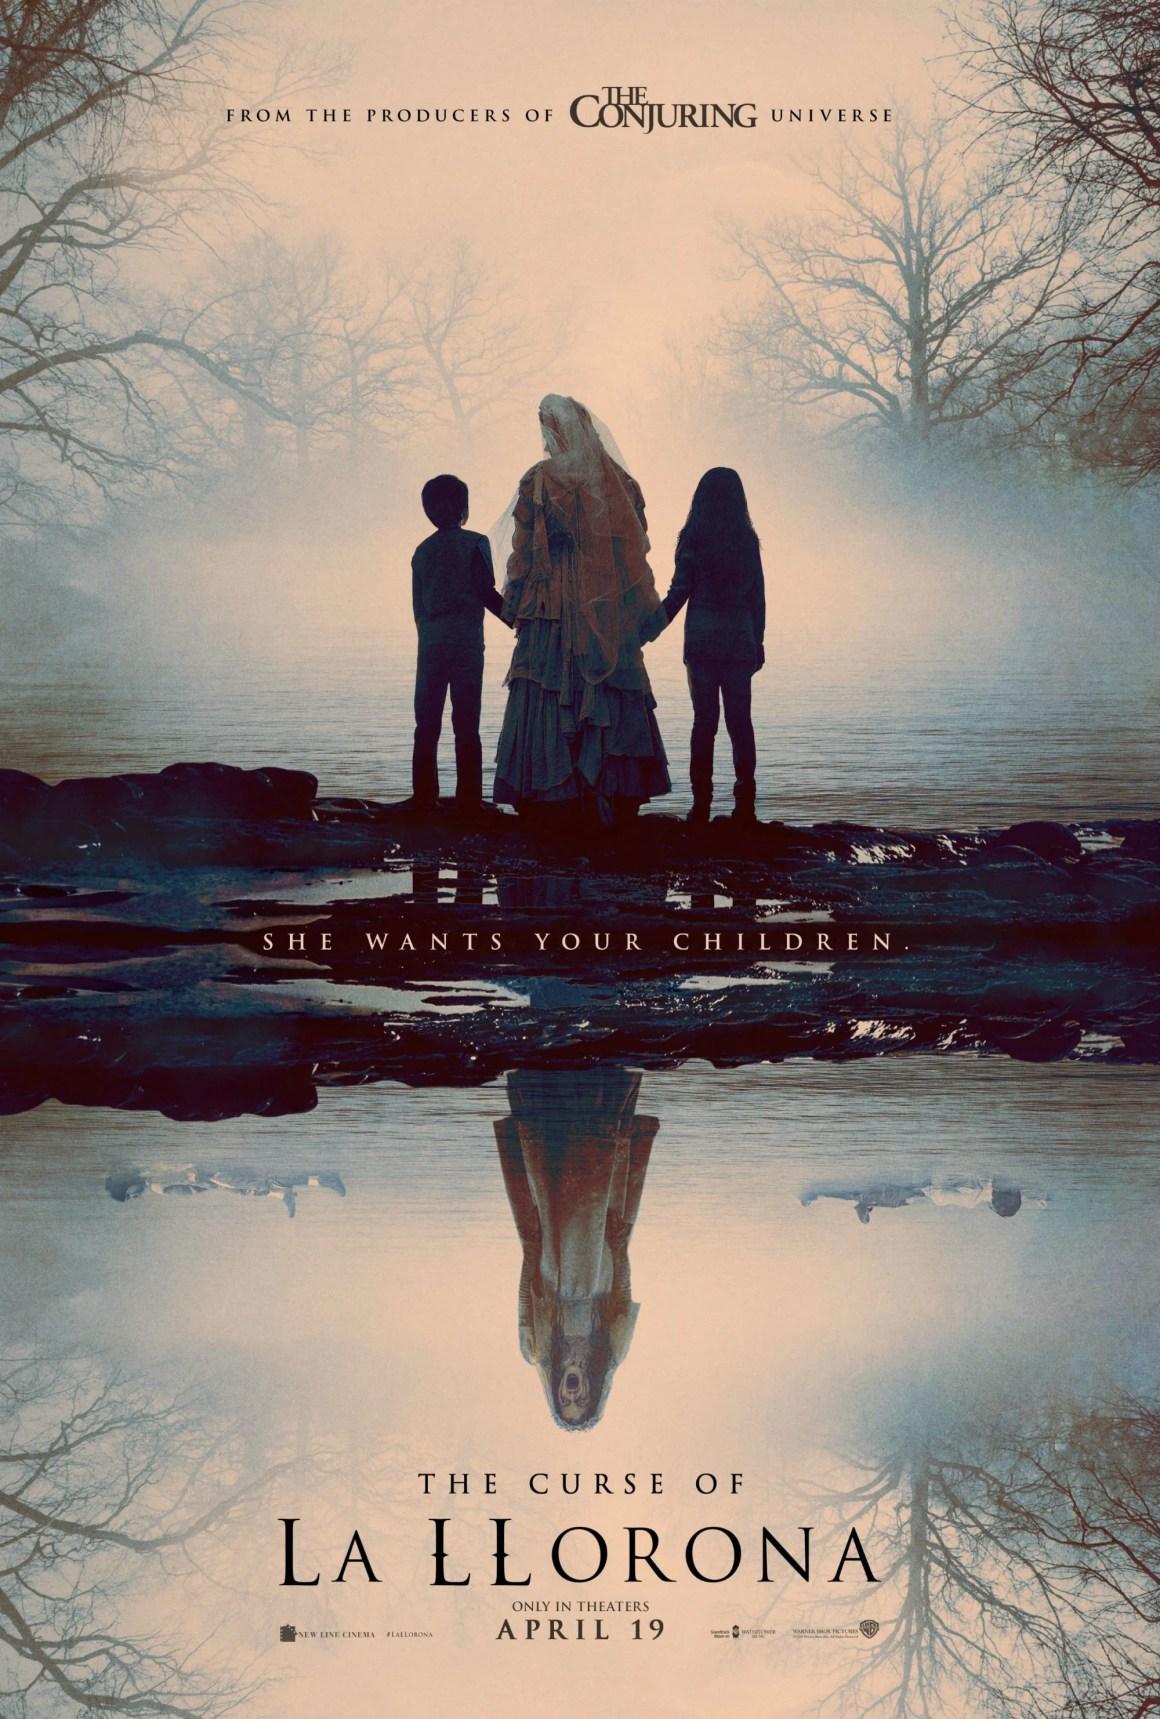 The-Curse-of-La-Llorona-poster.jpg?q=50&fit=crop&w=738